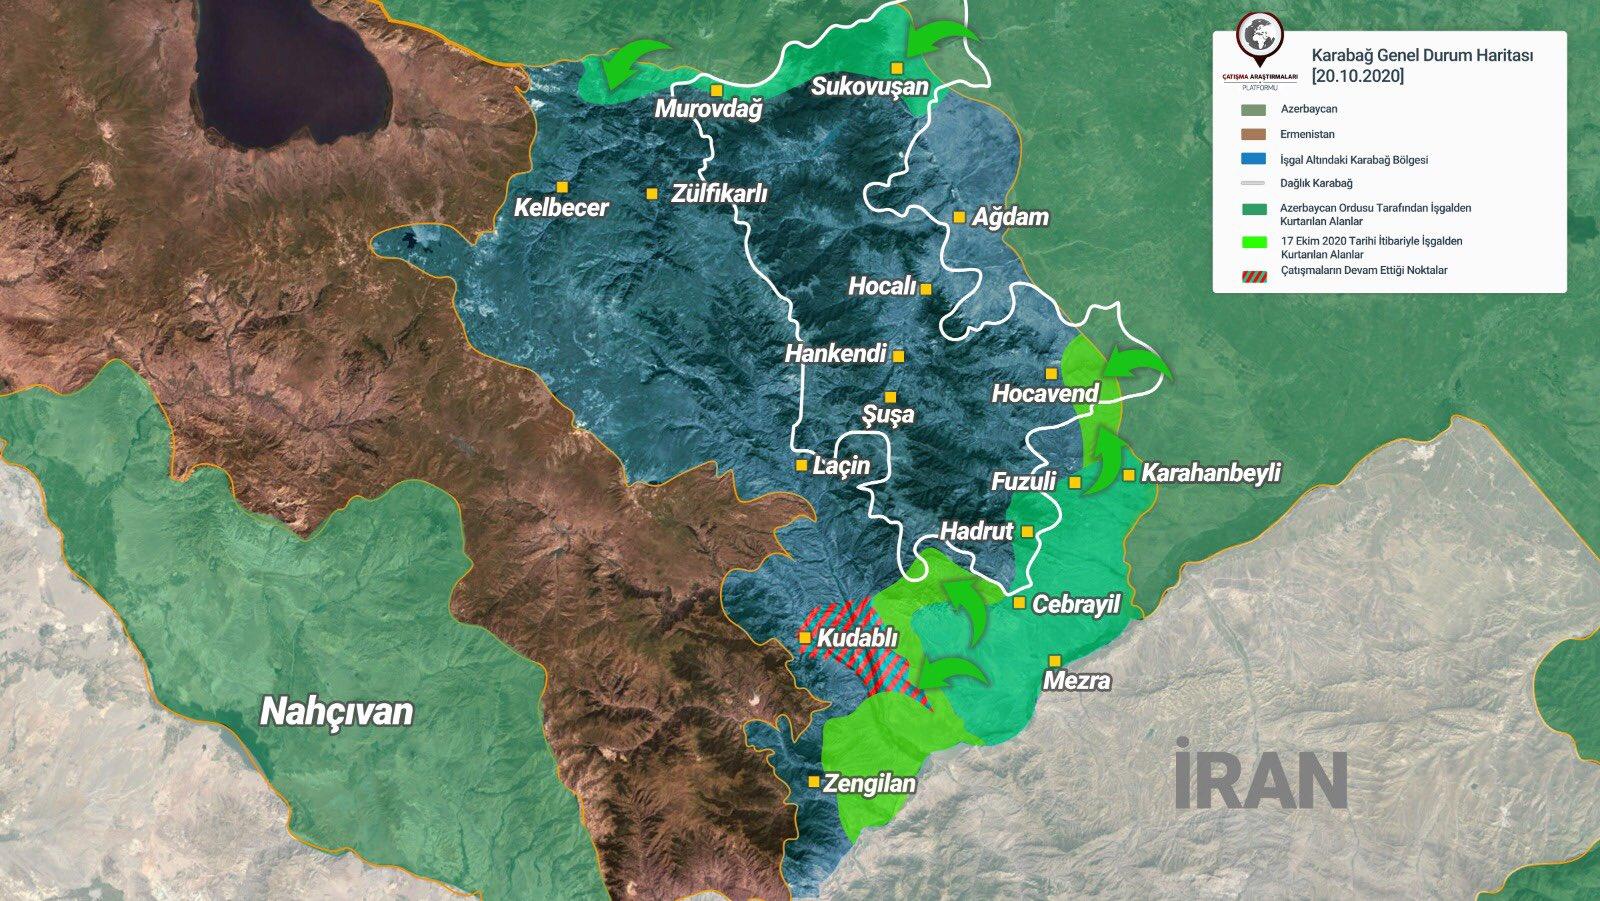 Güney Kafkasya'ya barış ve istikrar ancak Karabağ işgalden kurtulunca gelecektir